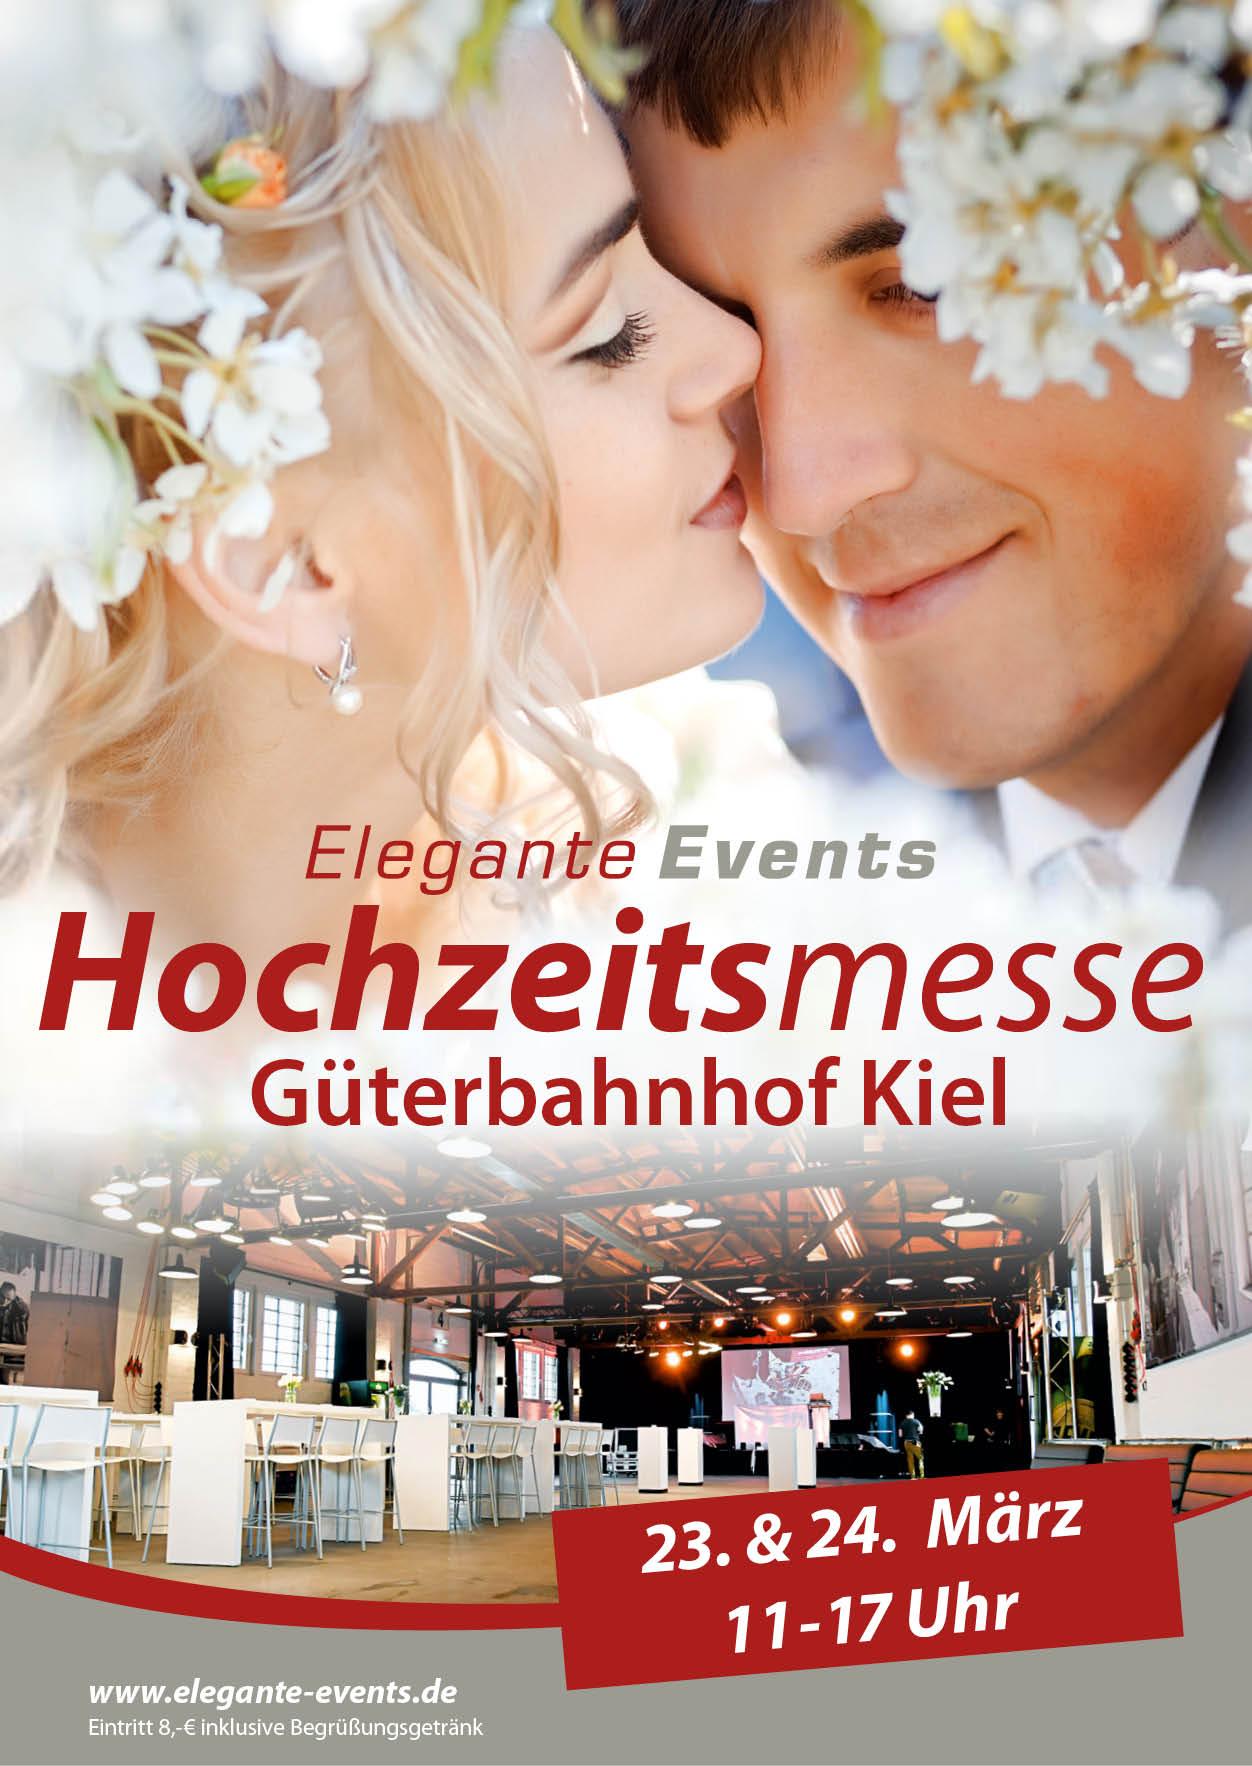 Hochzeitsmesse in Kiel im alten Kieler Güterbahnhof am 23. + 24. Februar 2019.